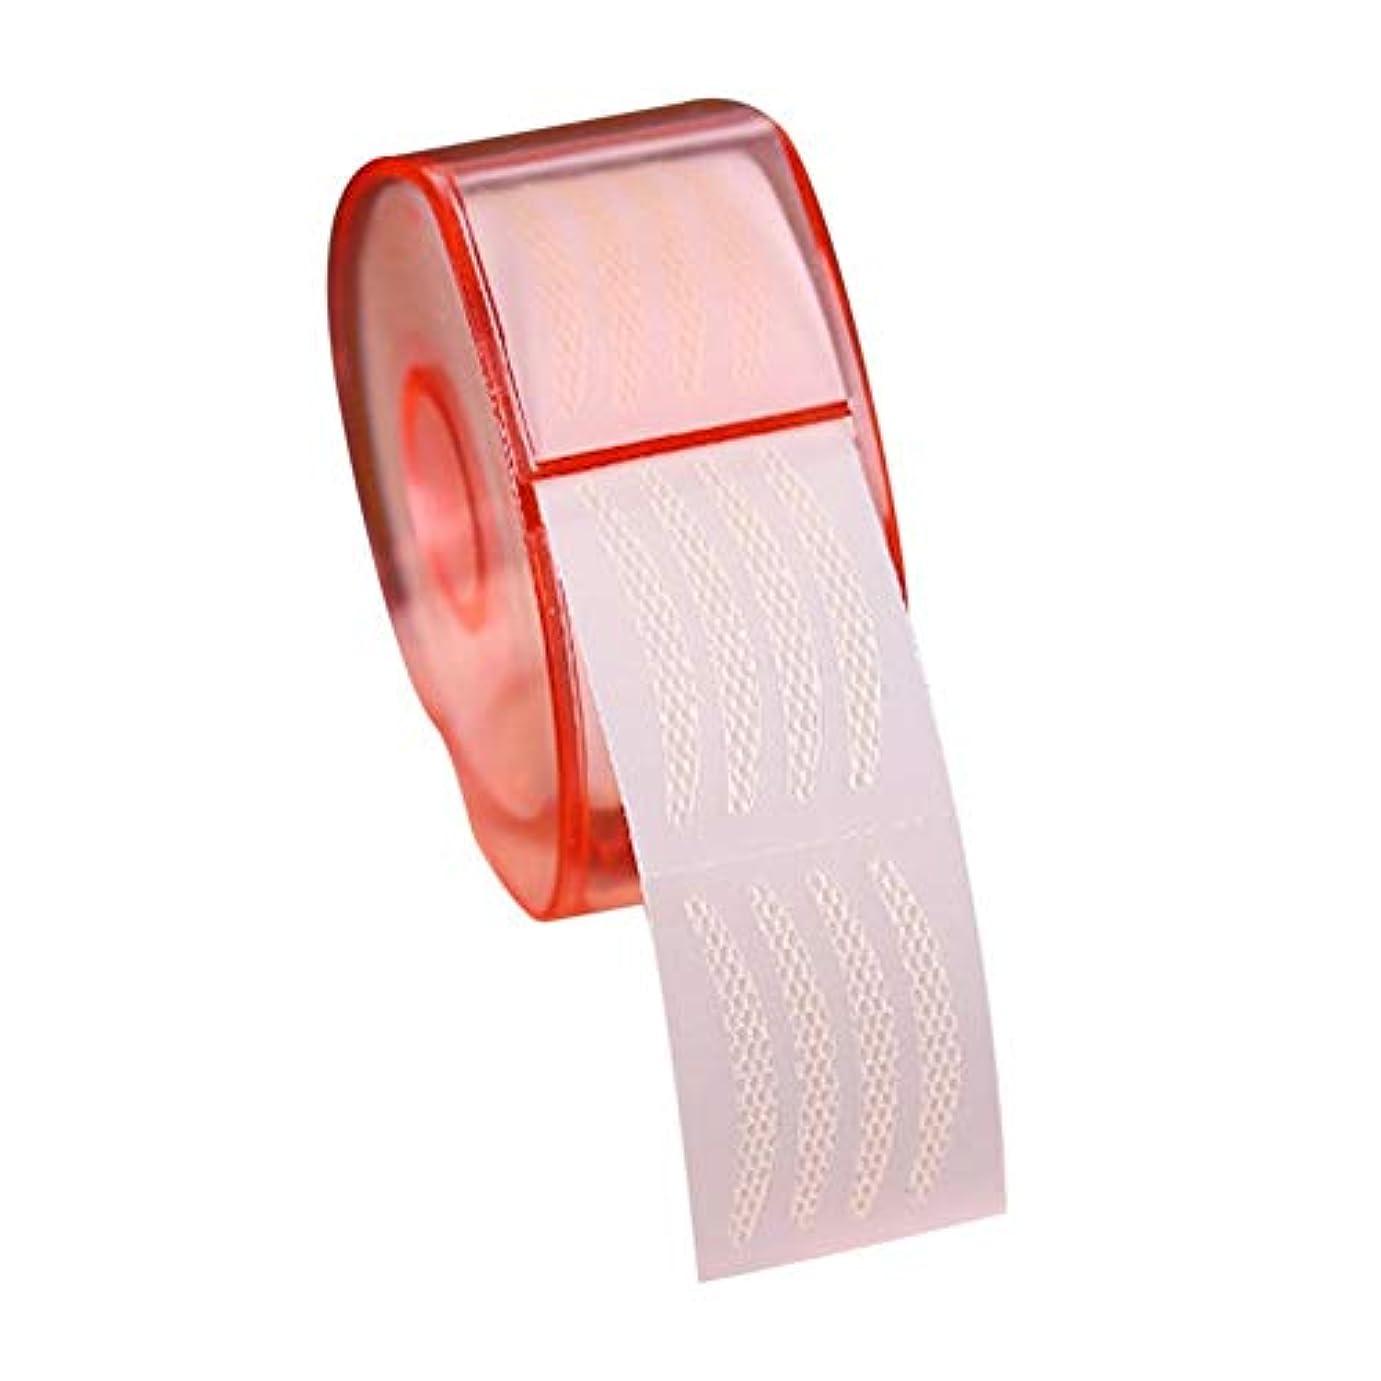 滑り台帝国主義スラム街Ragem 二重まぶたステッカー 二重まぶたテープ 見えない レース テープロール 通気性 防水 ナチュラル 魅力的 2タイプ